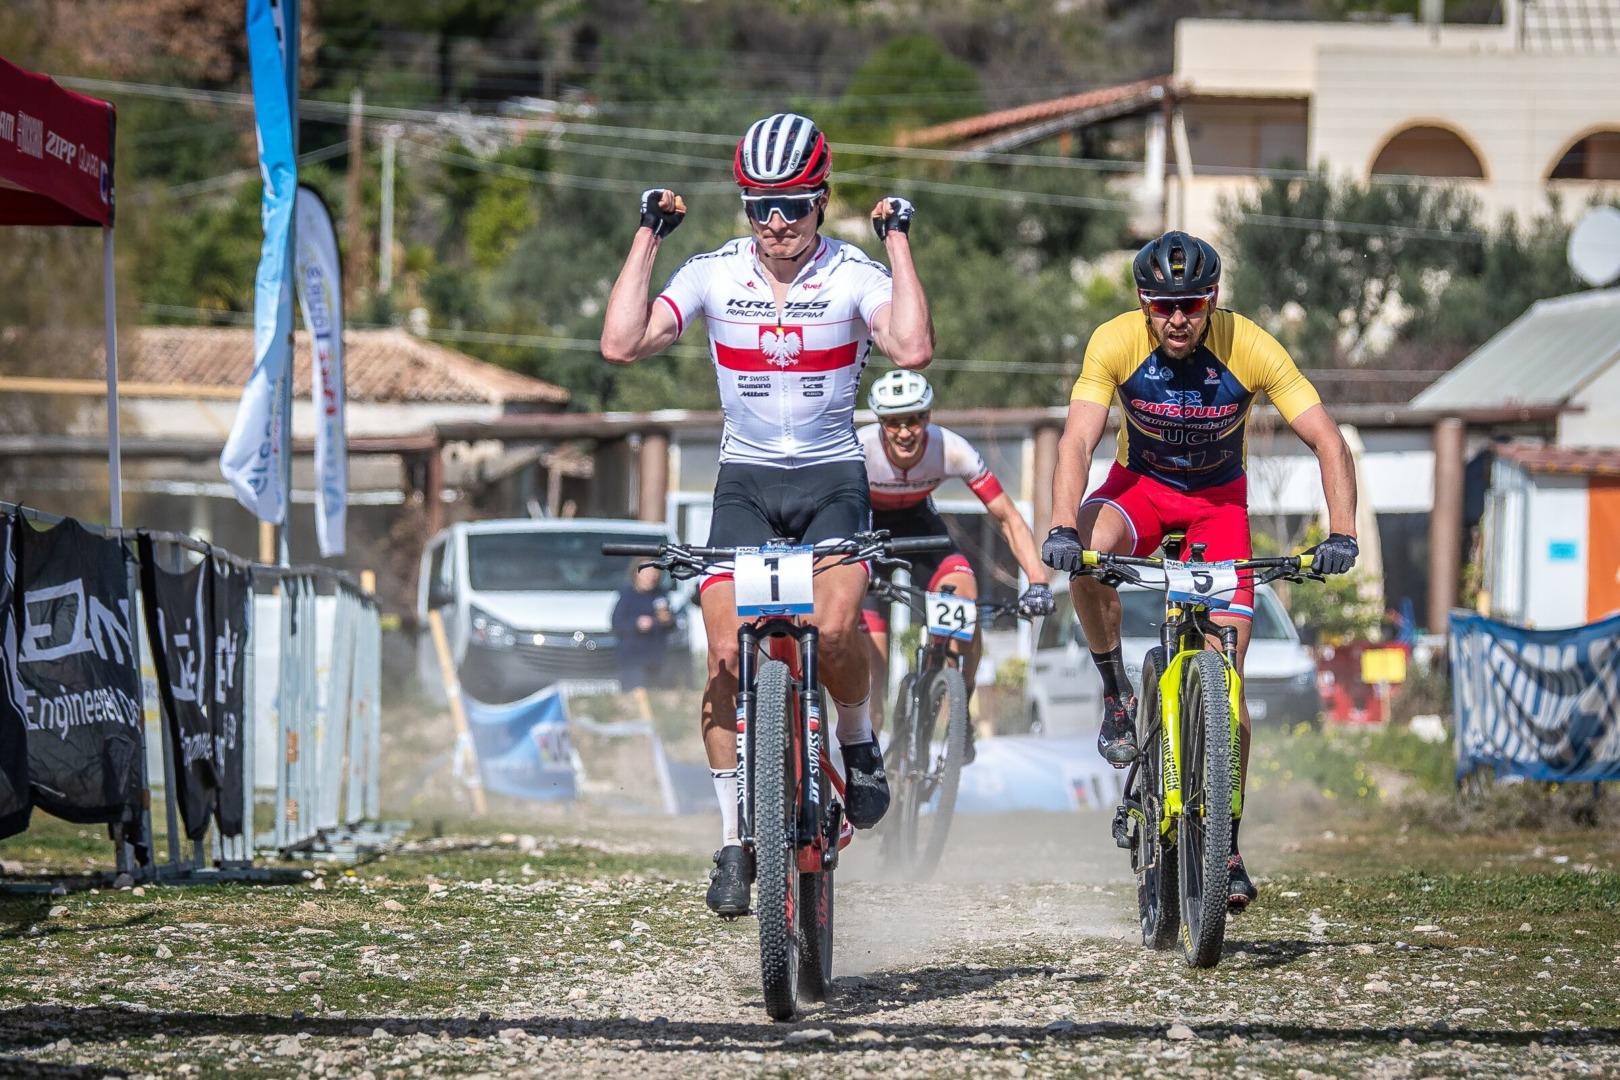 Wawak wygrywa ostatni etap Salamina Epic Cup Zawodnik Kross Racing Team 2. w klasyfikacji generalnej